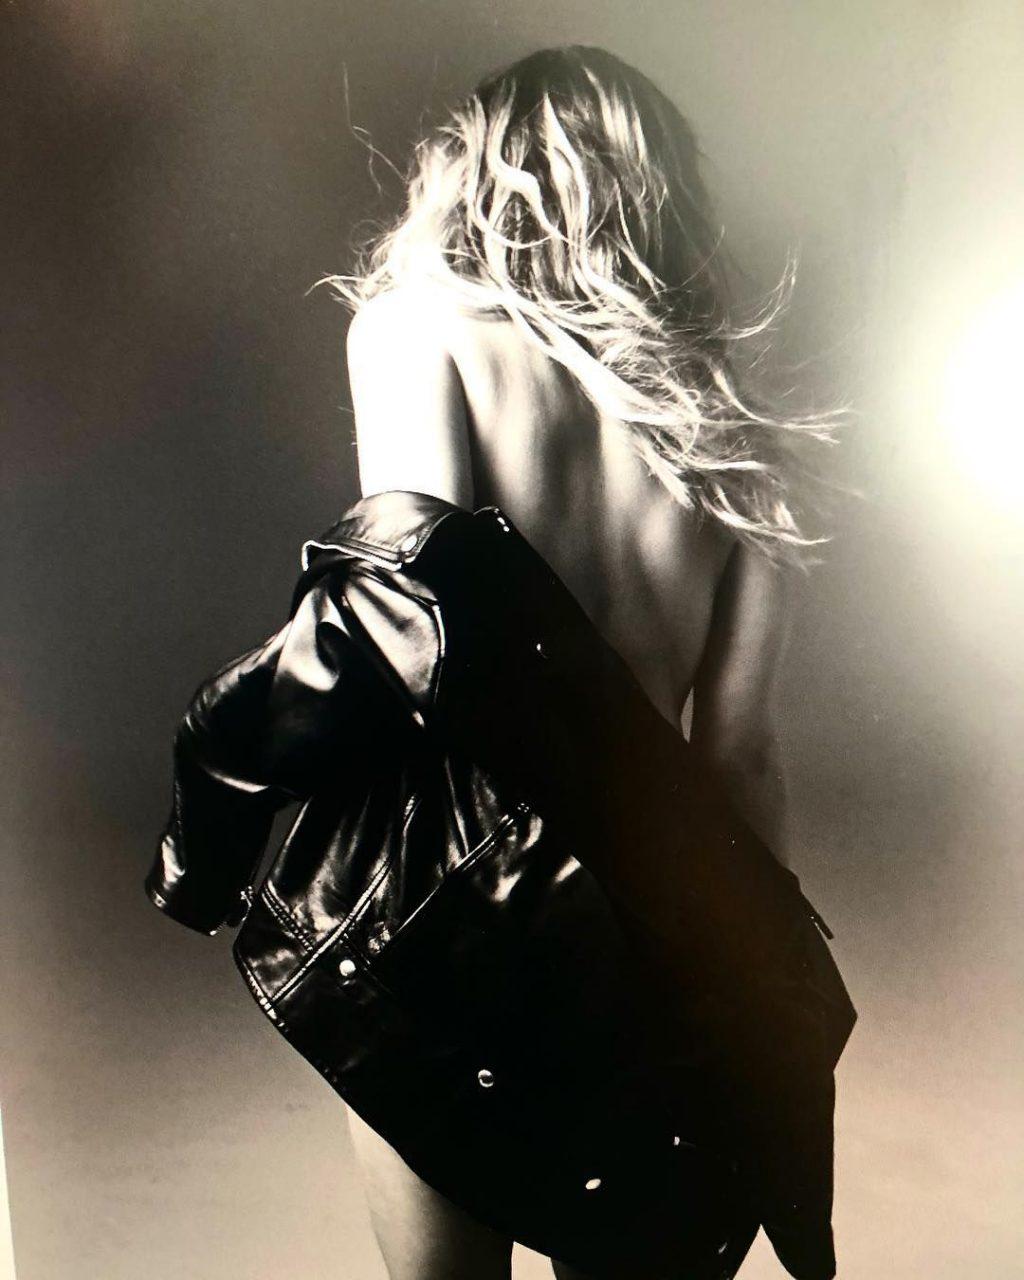 Ashley Benson Sexy (20 Photos + GIFs)